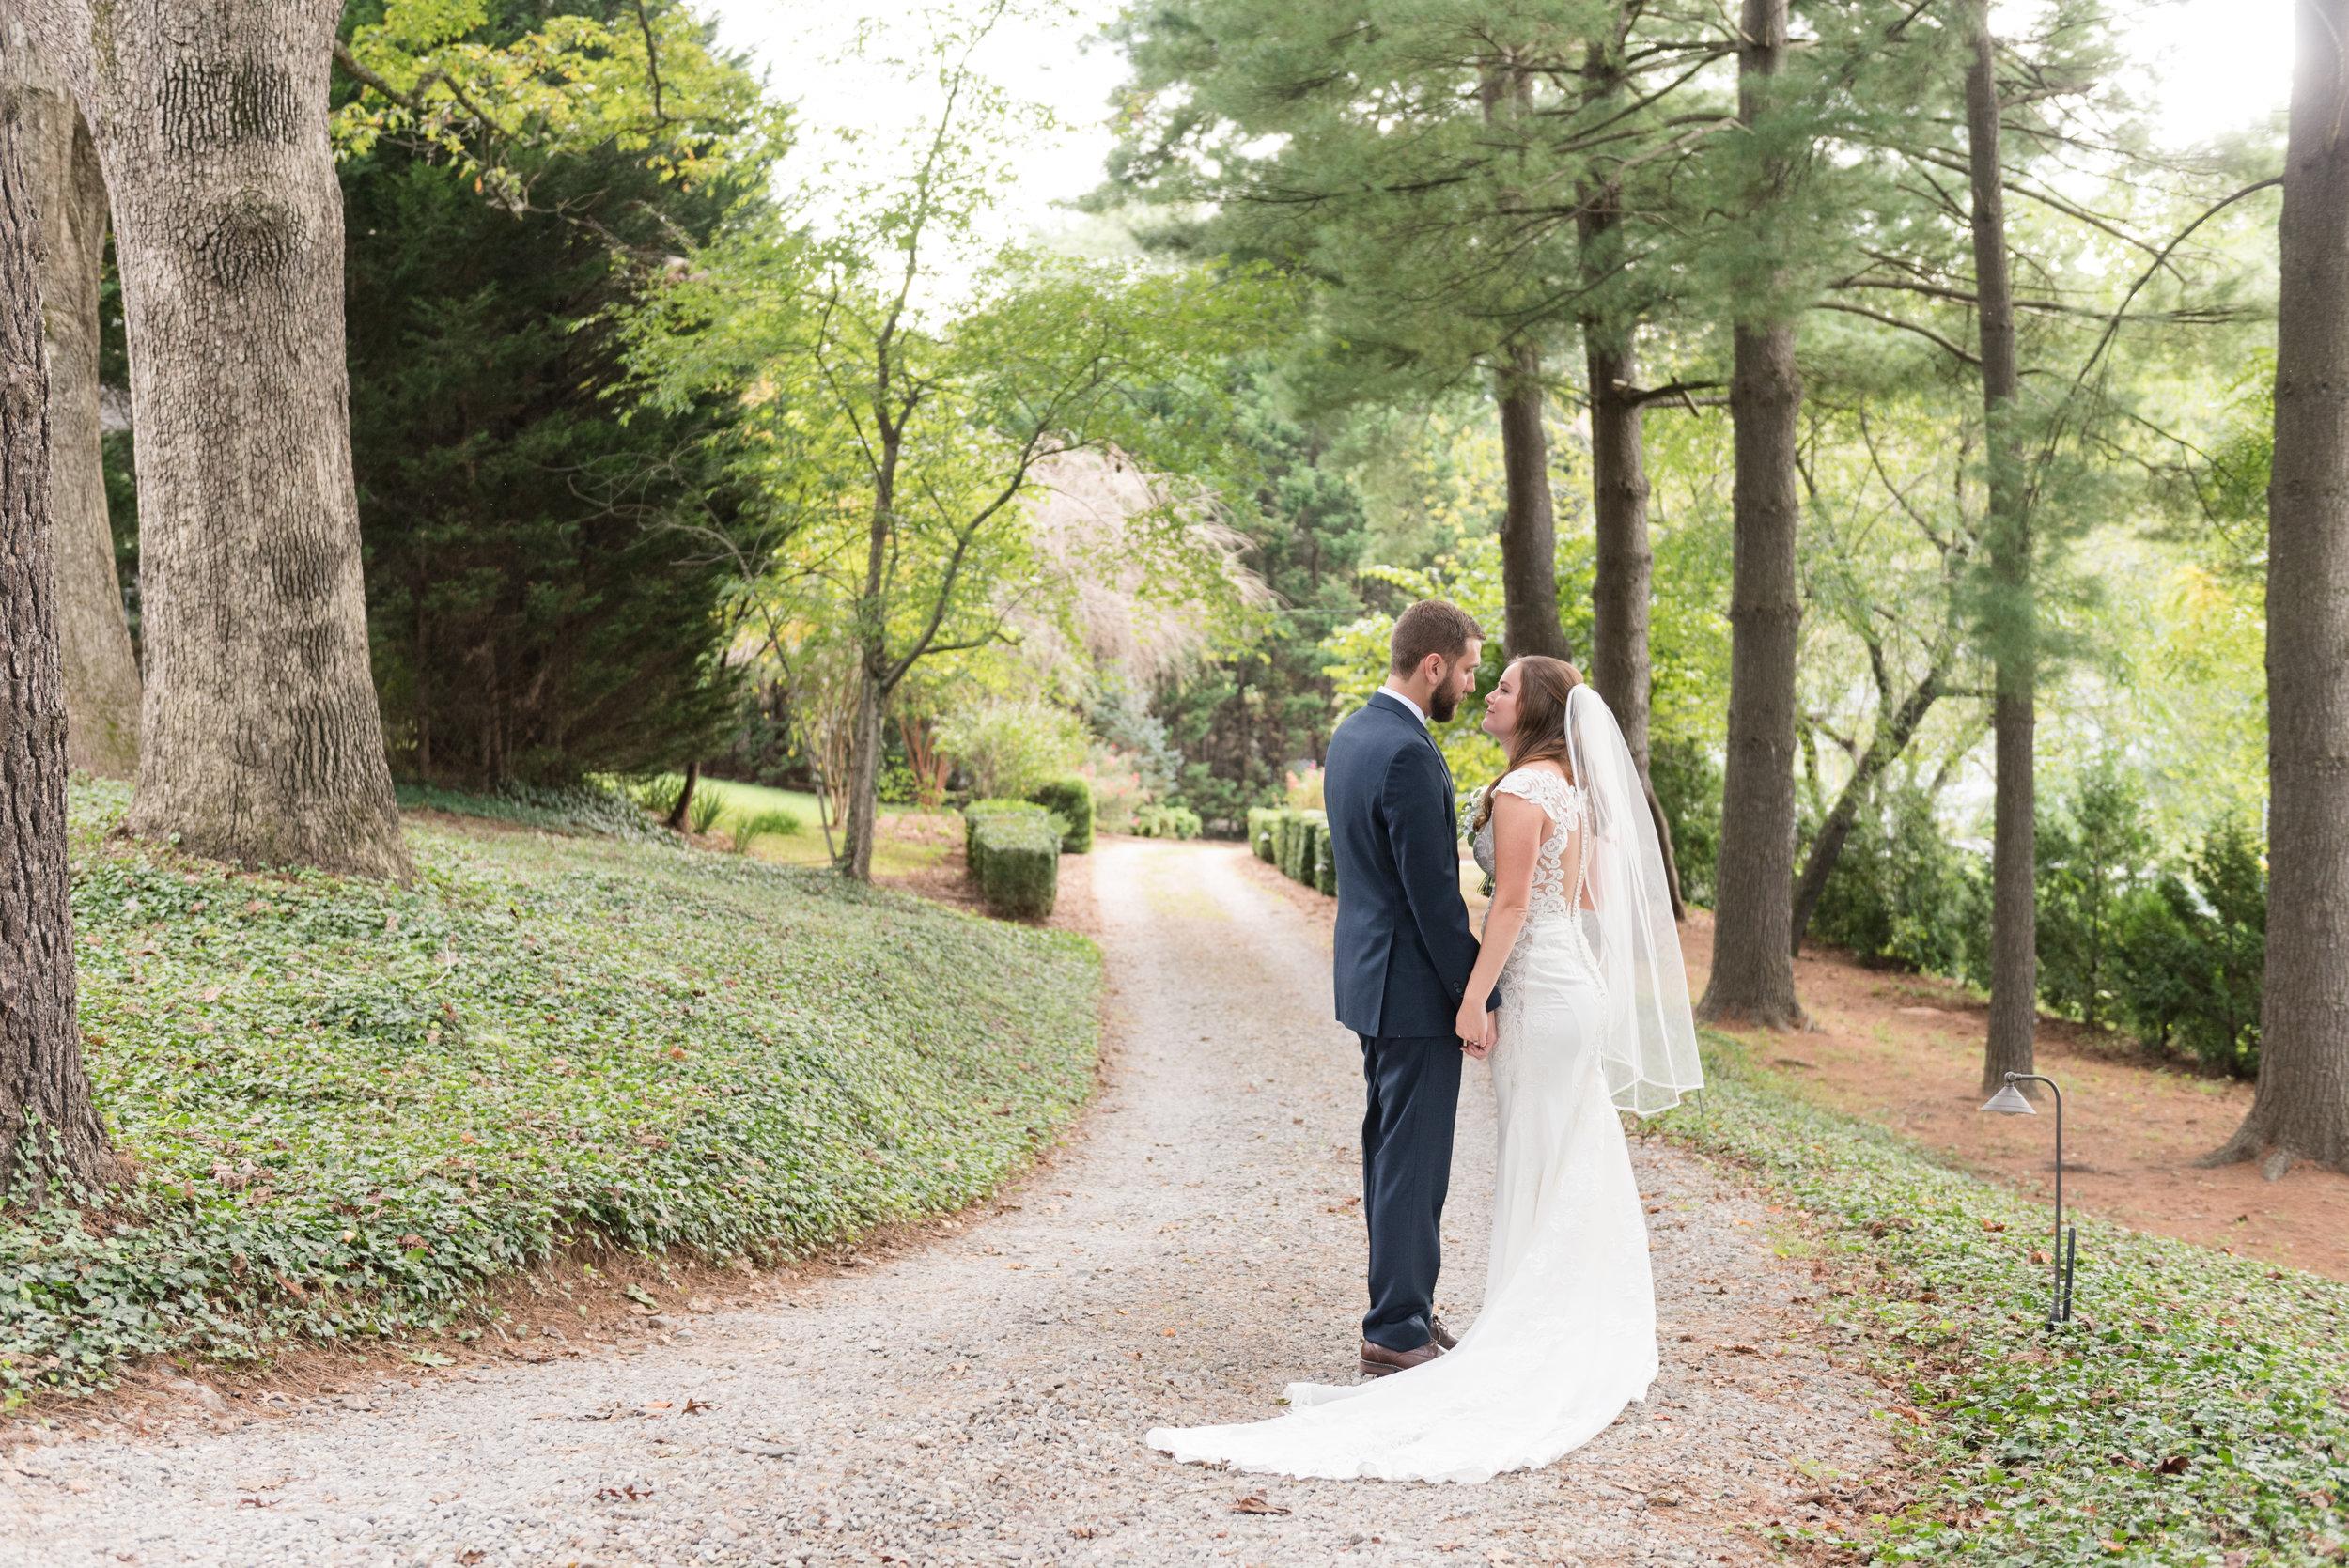 wedding-photographer-asheville-007.jpg